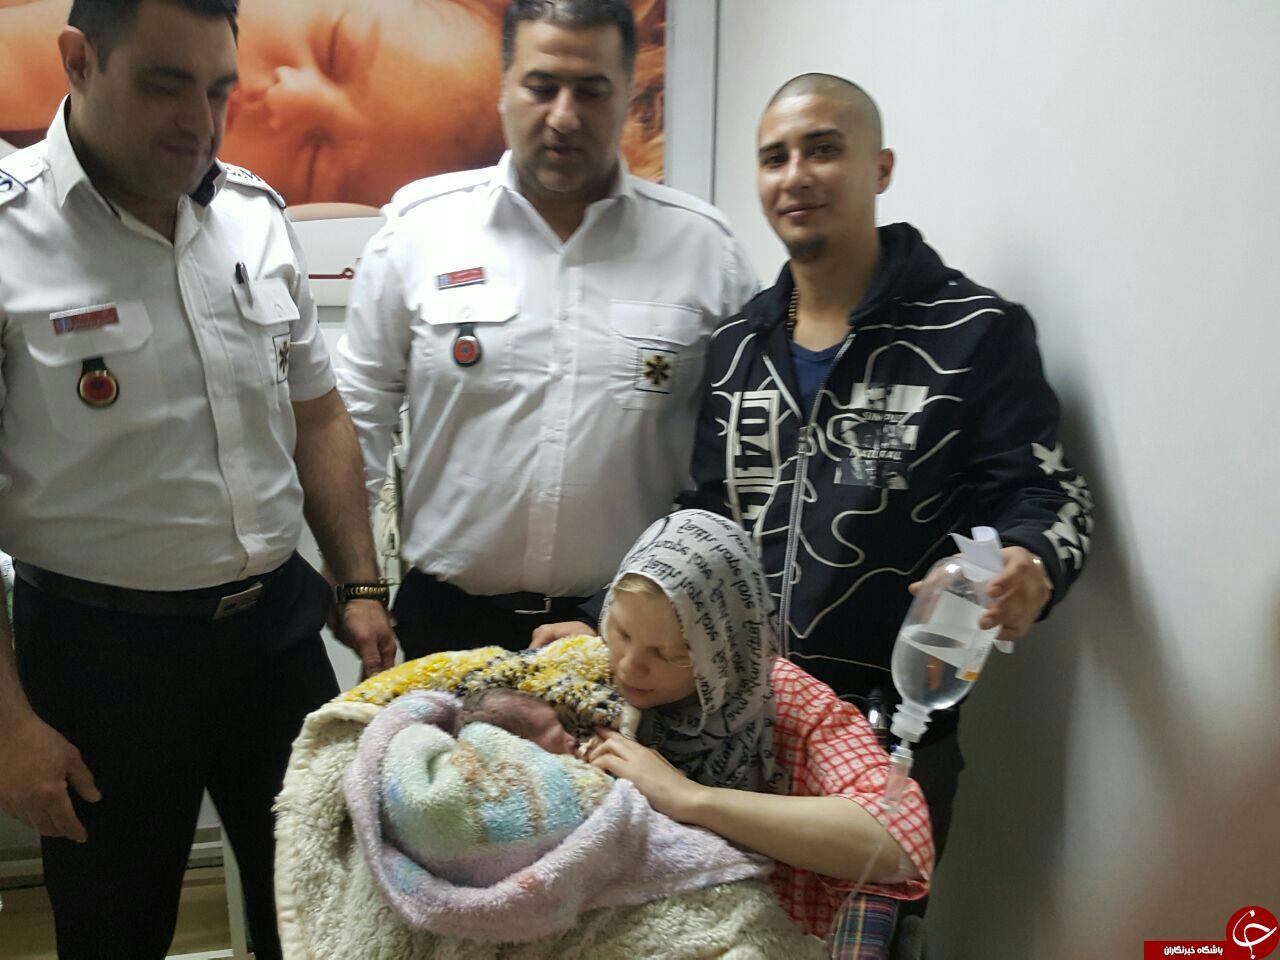 تولد نوزاد عجول دانمارکی در آمبولانس + تصاویر